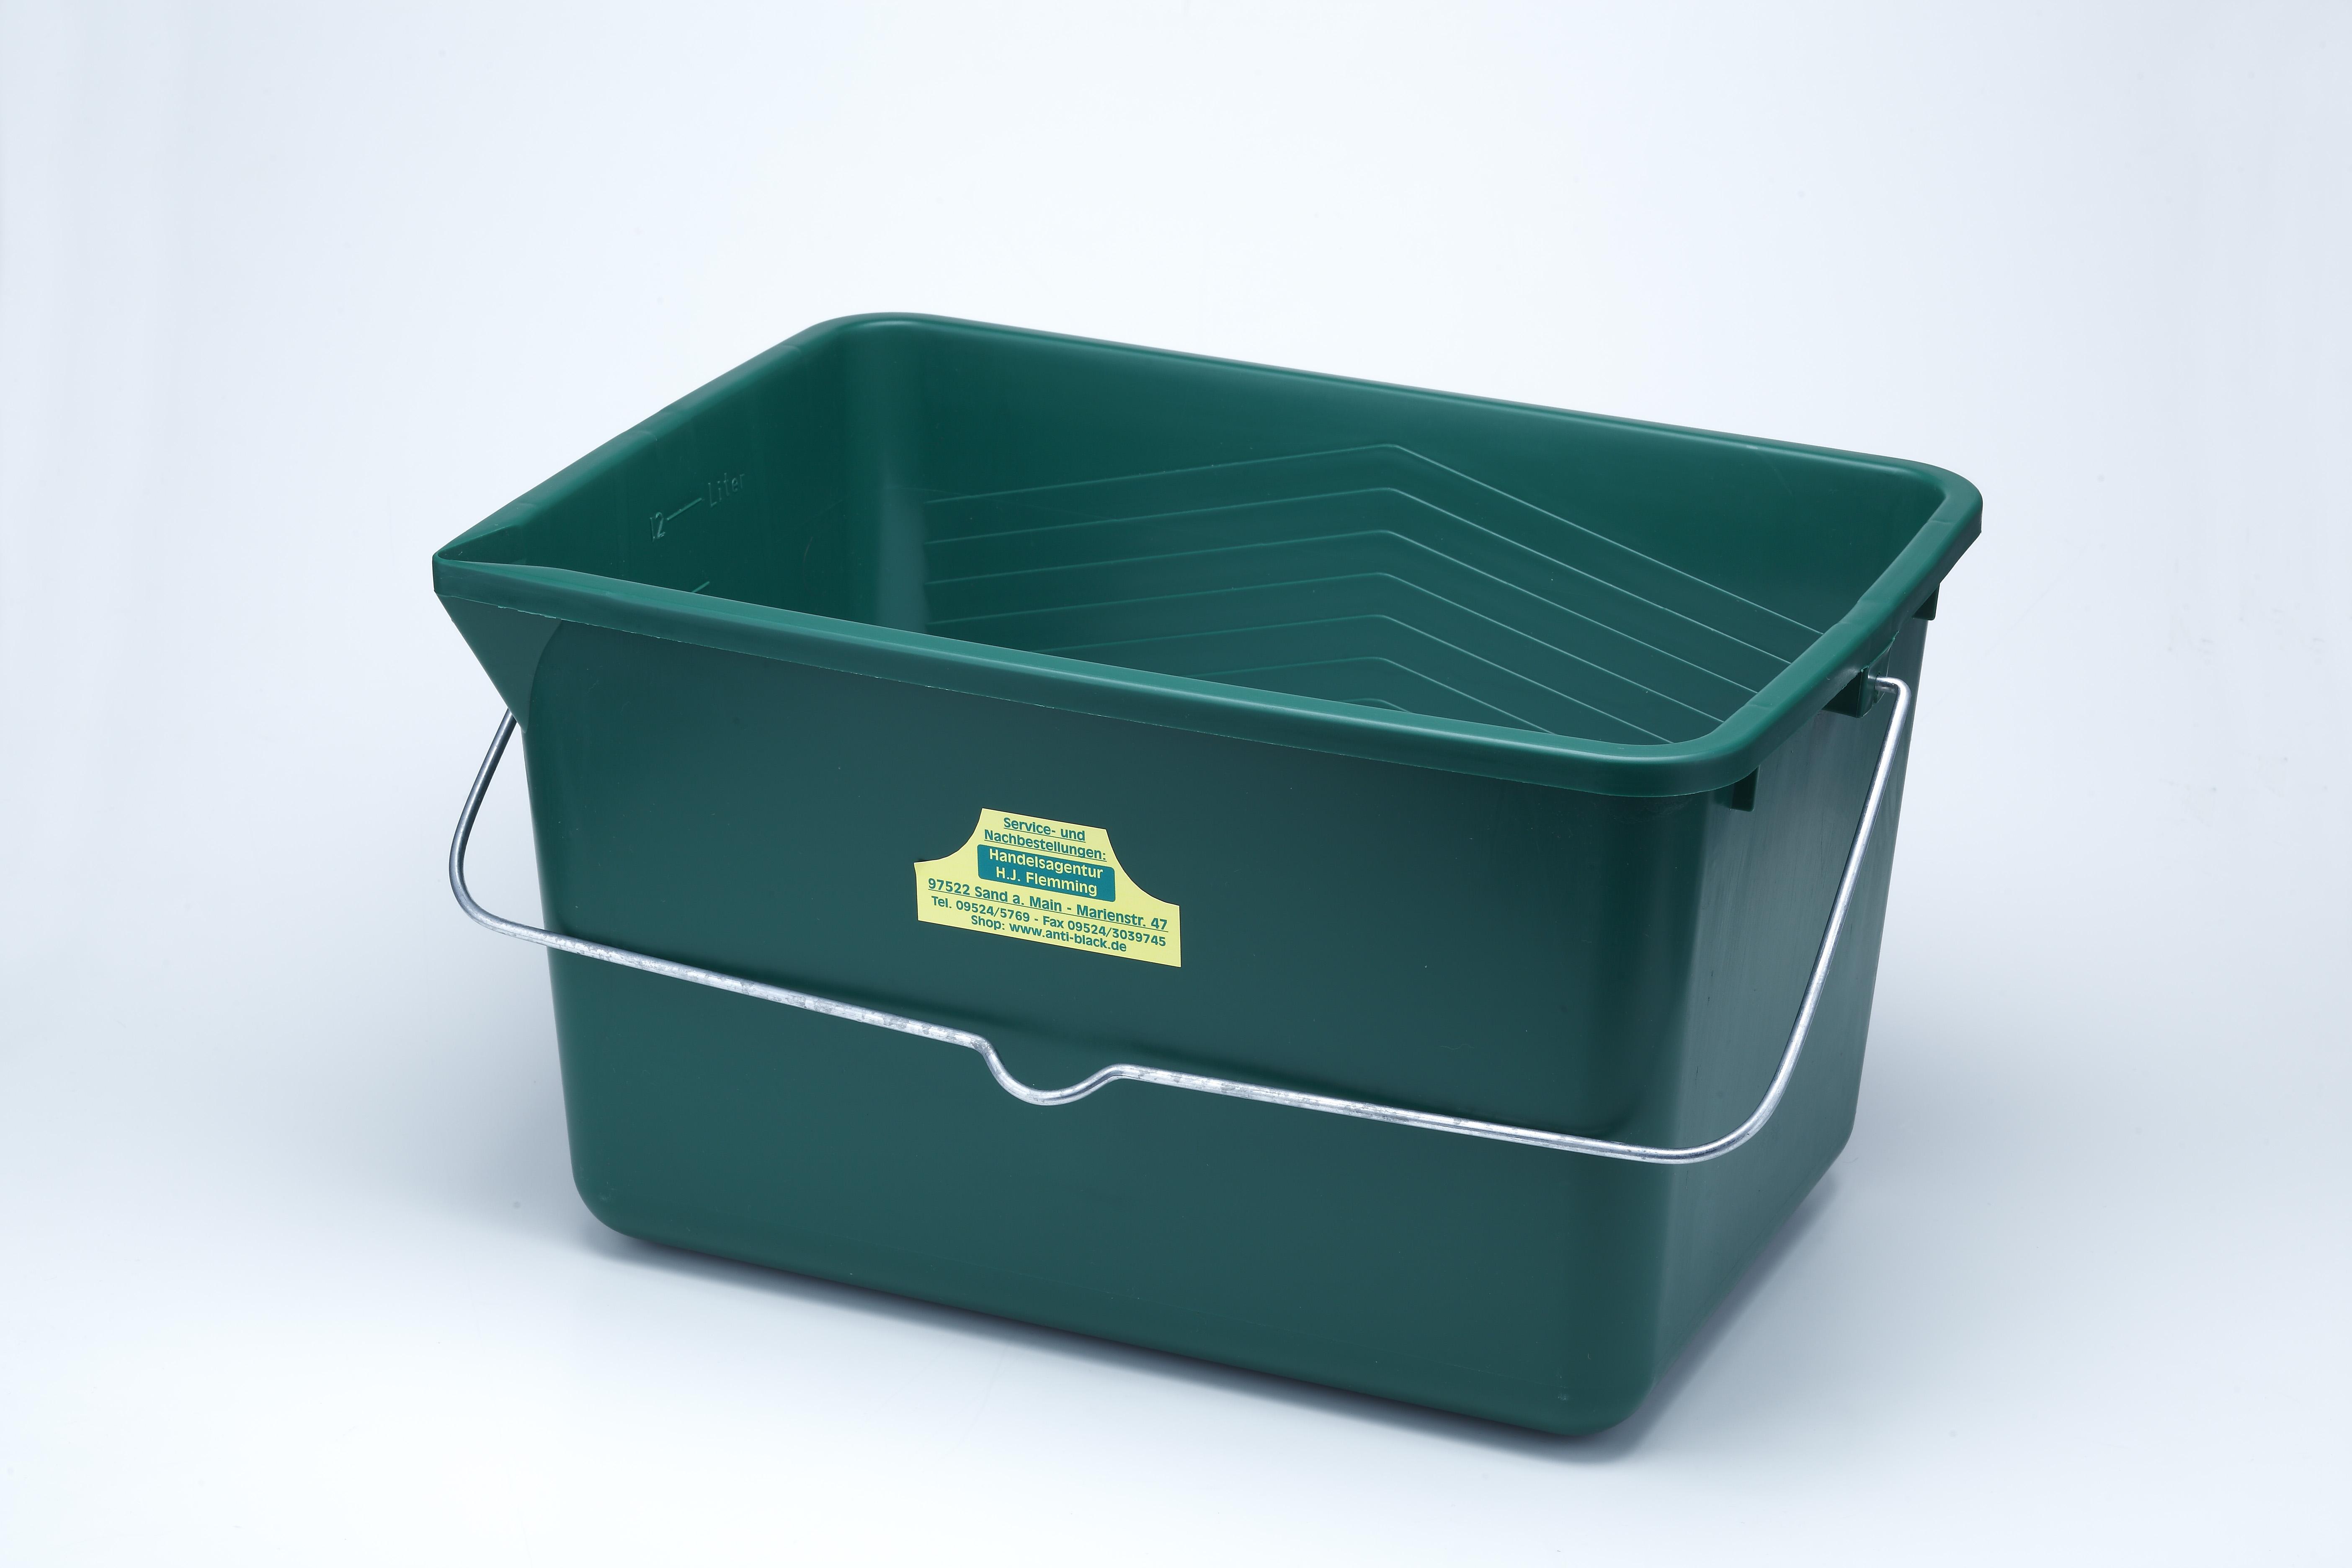 Grüner Wisch-Eimer